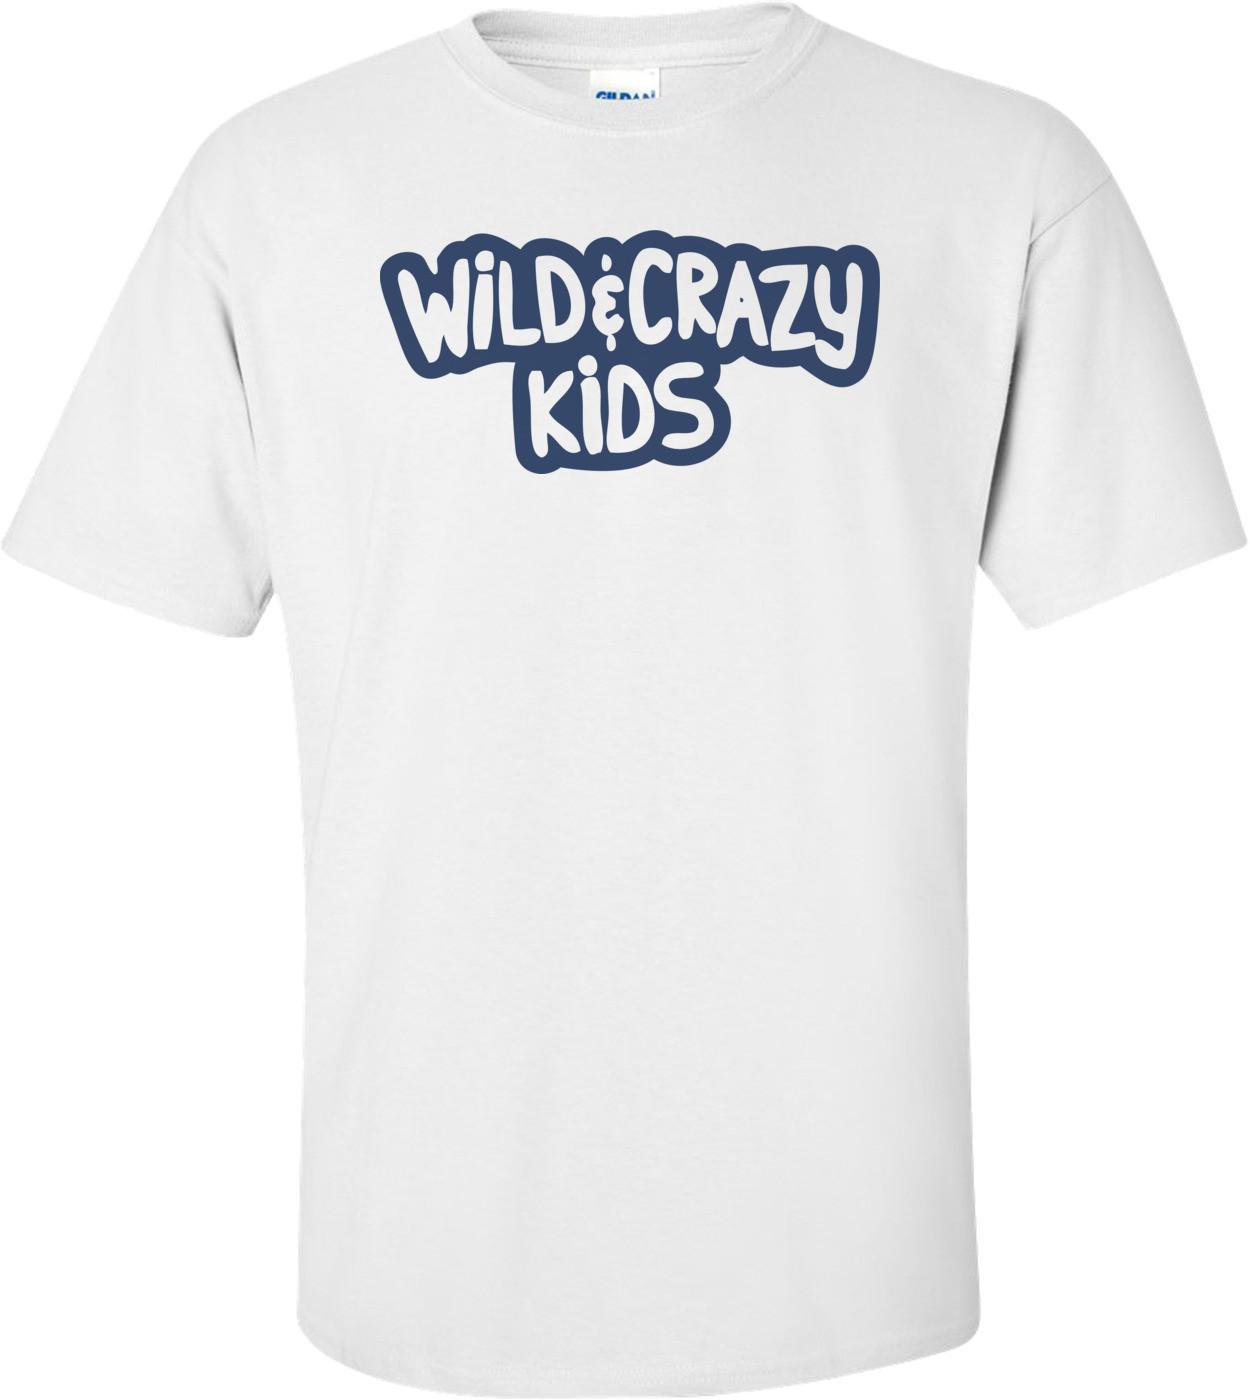 Wild And Crazy Kids - Nickelodeon T-shirt